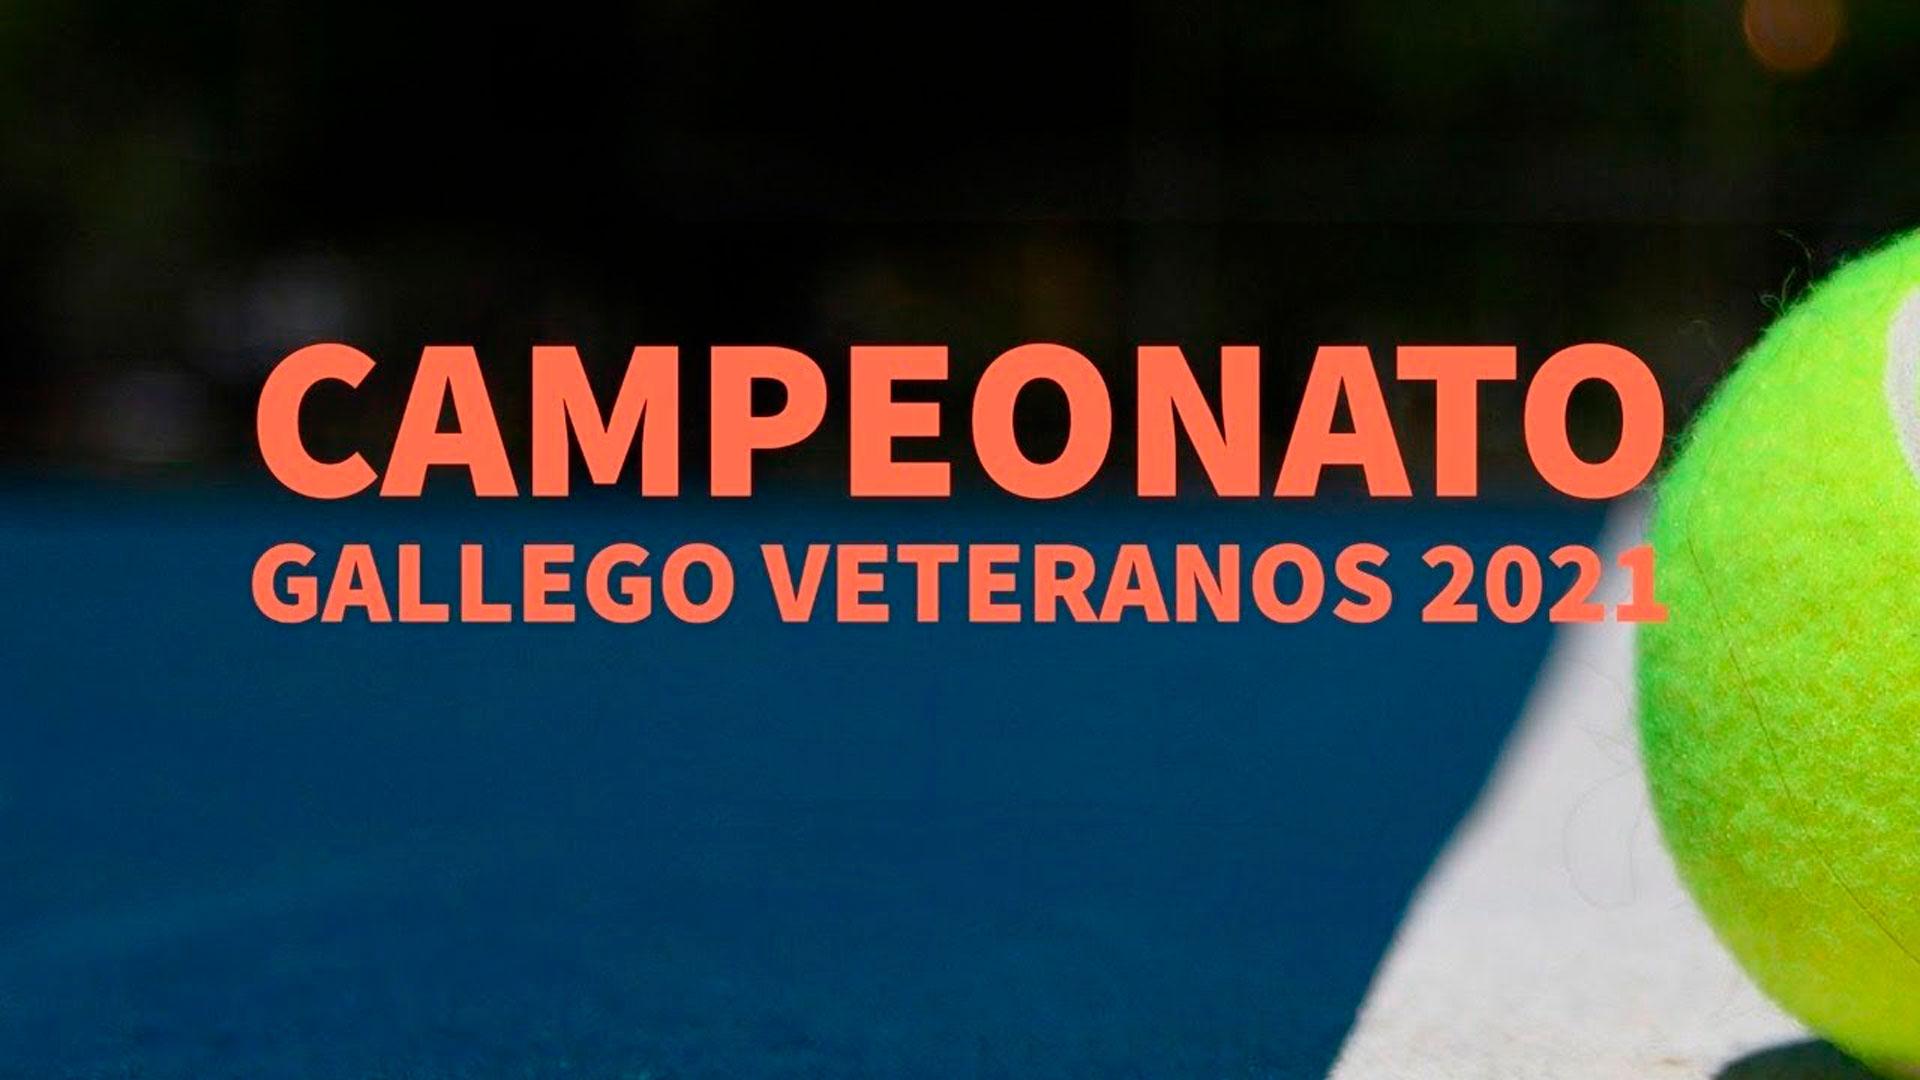 Campeonato Gallego de Veteranos 2021